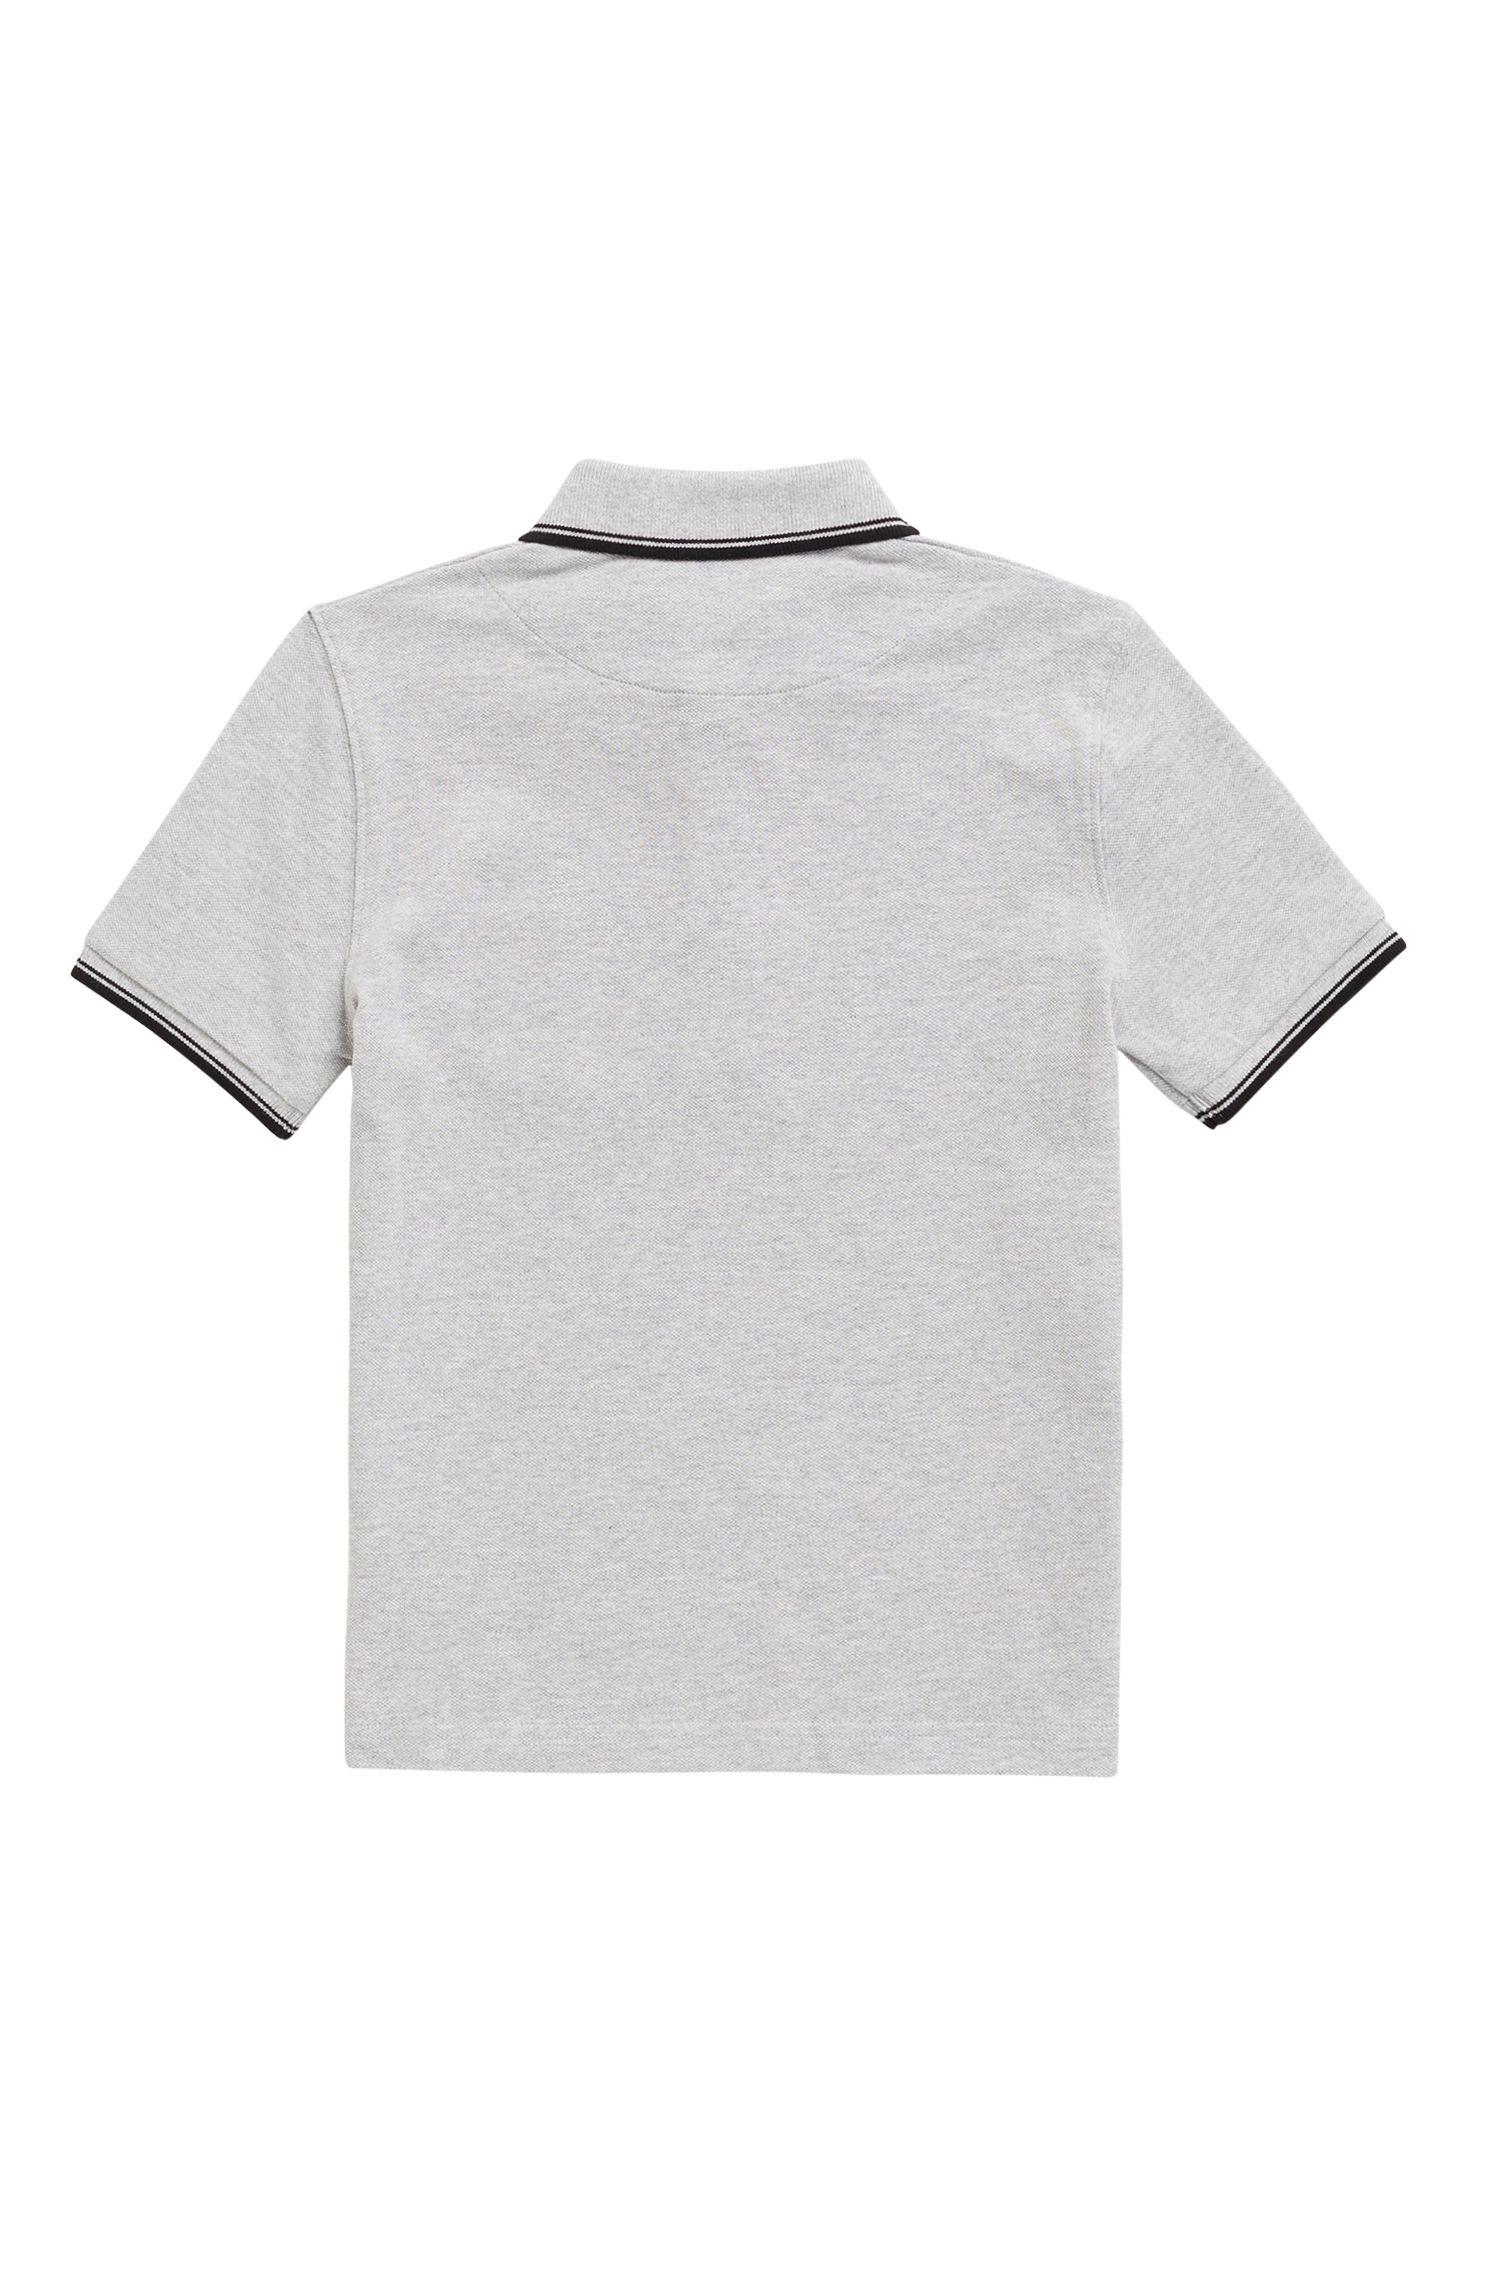 Polo de piqué de algodón para niños con logo en el interior del cuello, Gris claro